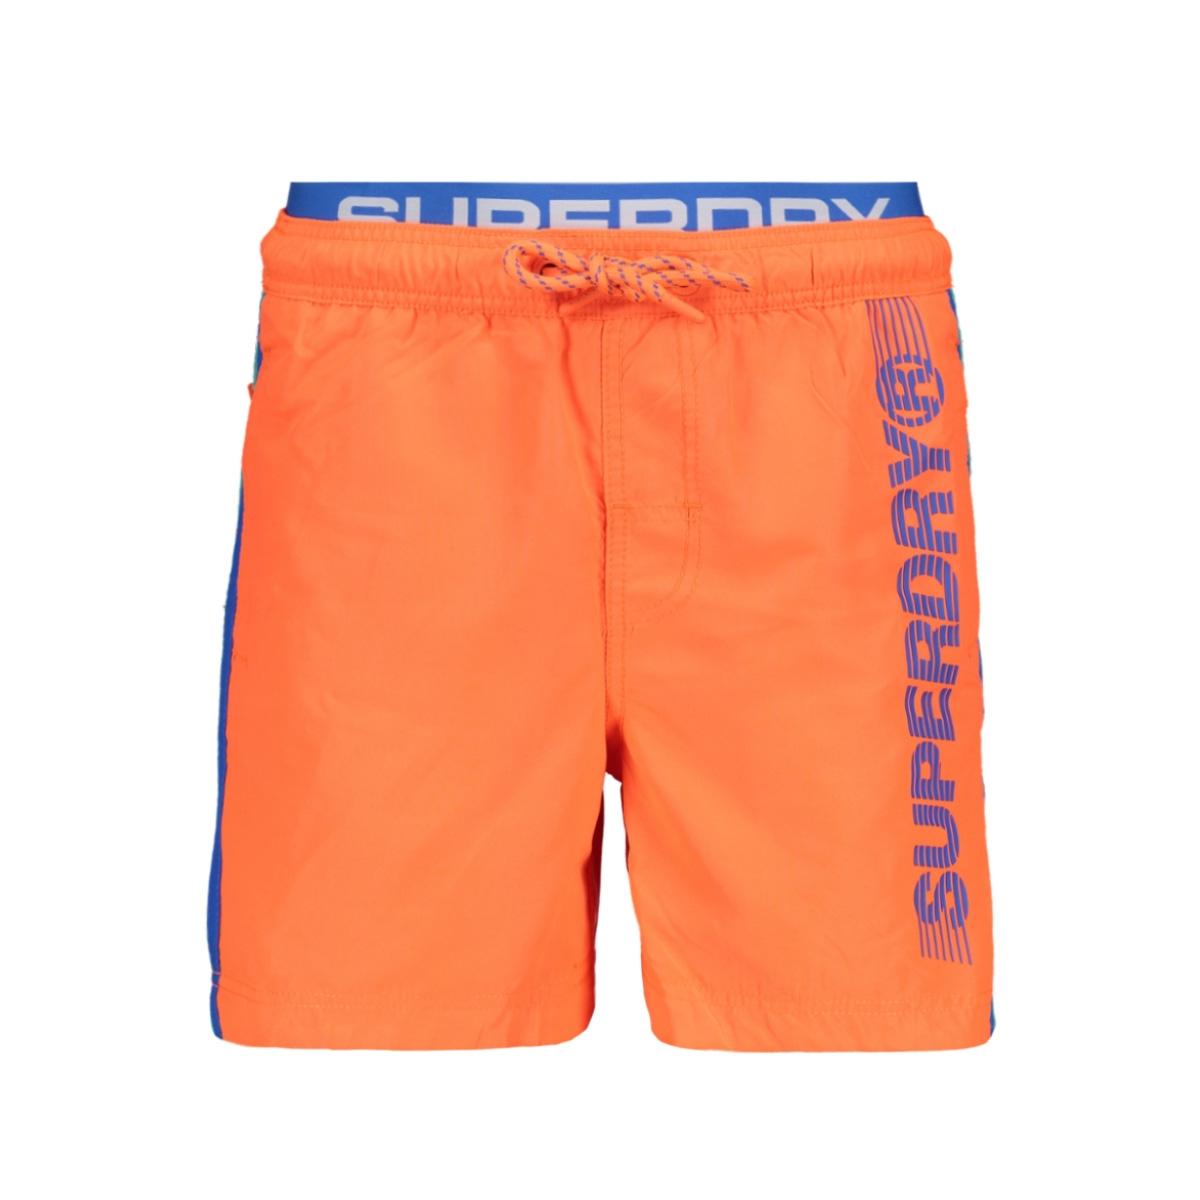 volley swim short m30102au superdry korte broek havana orange